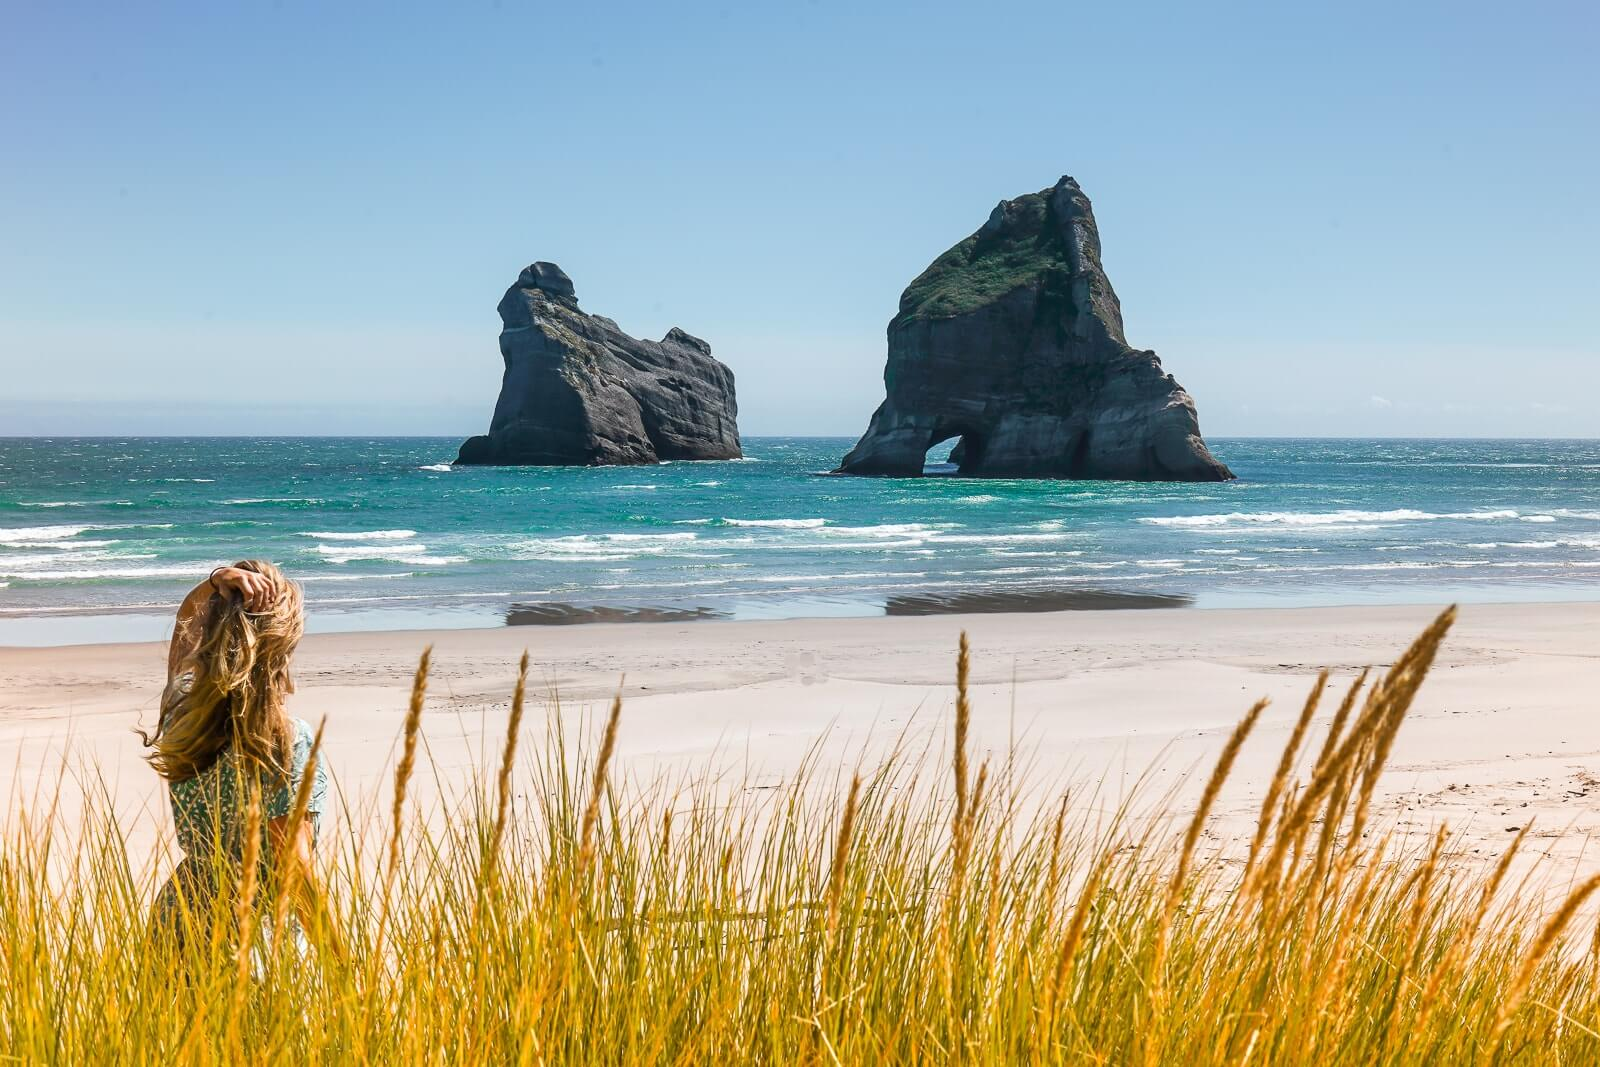 Wharariki Beach - Ruig en afgelegen strand waar je zeehonden kunt spotten